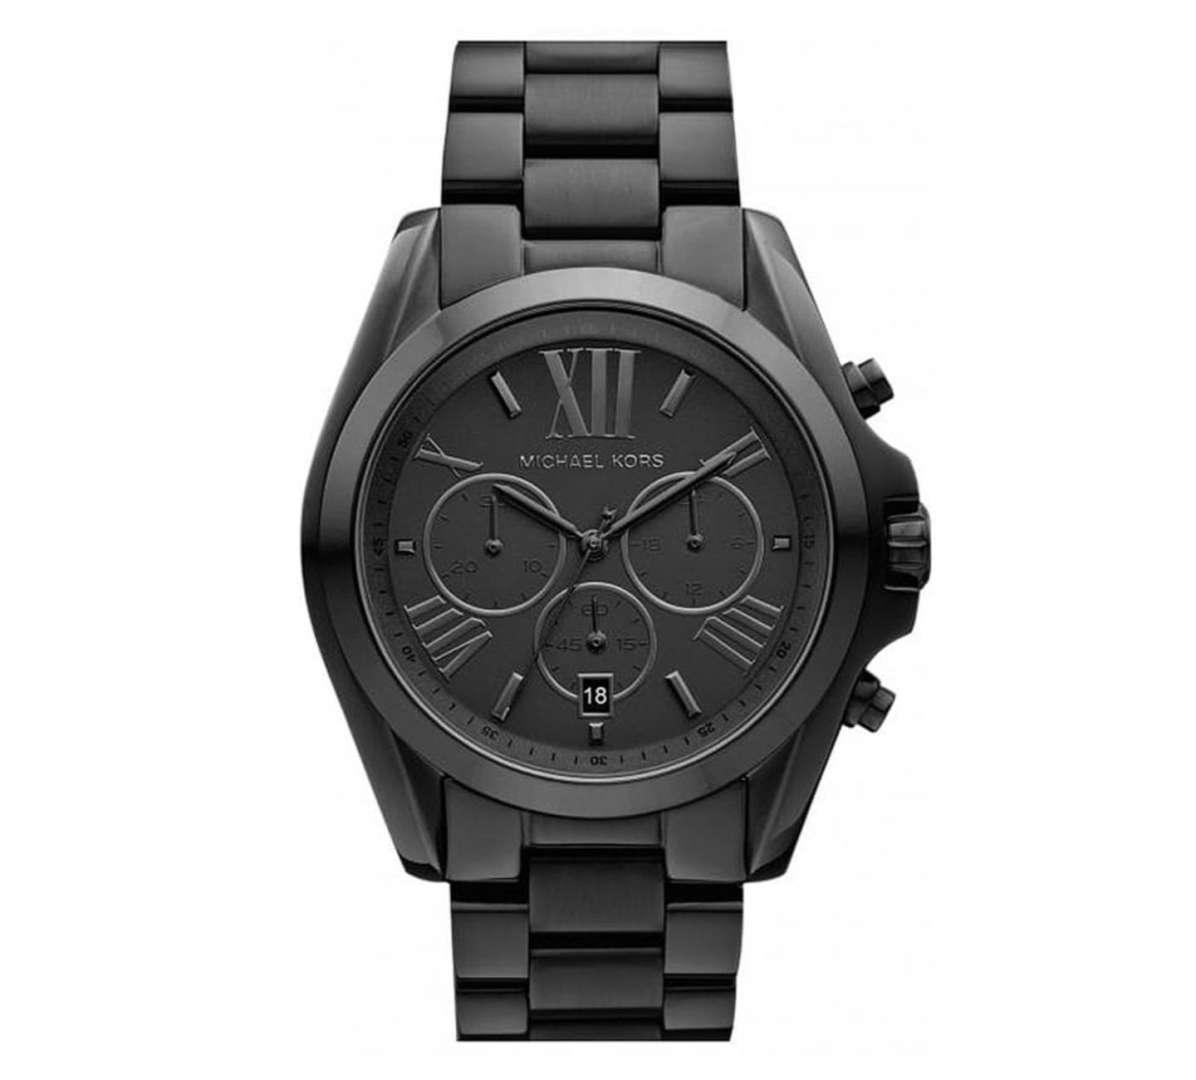 שעון יד אנלוגי לגבר michael kors mk5550 מייקל קורס